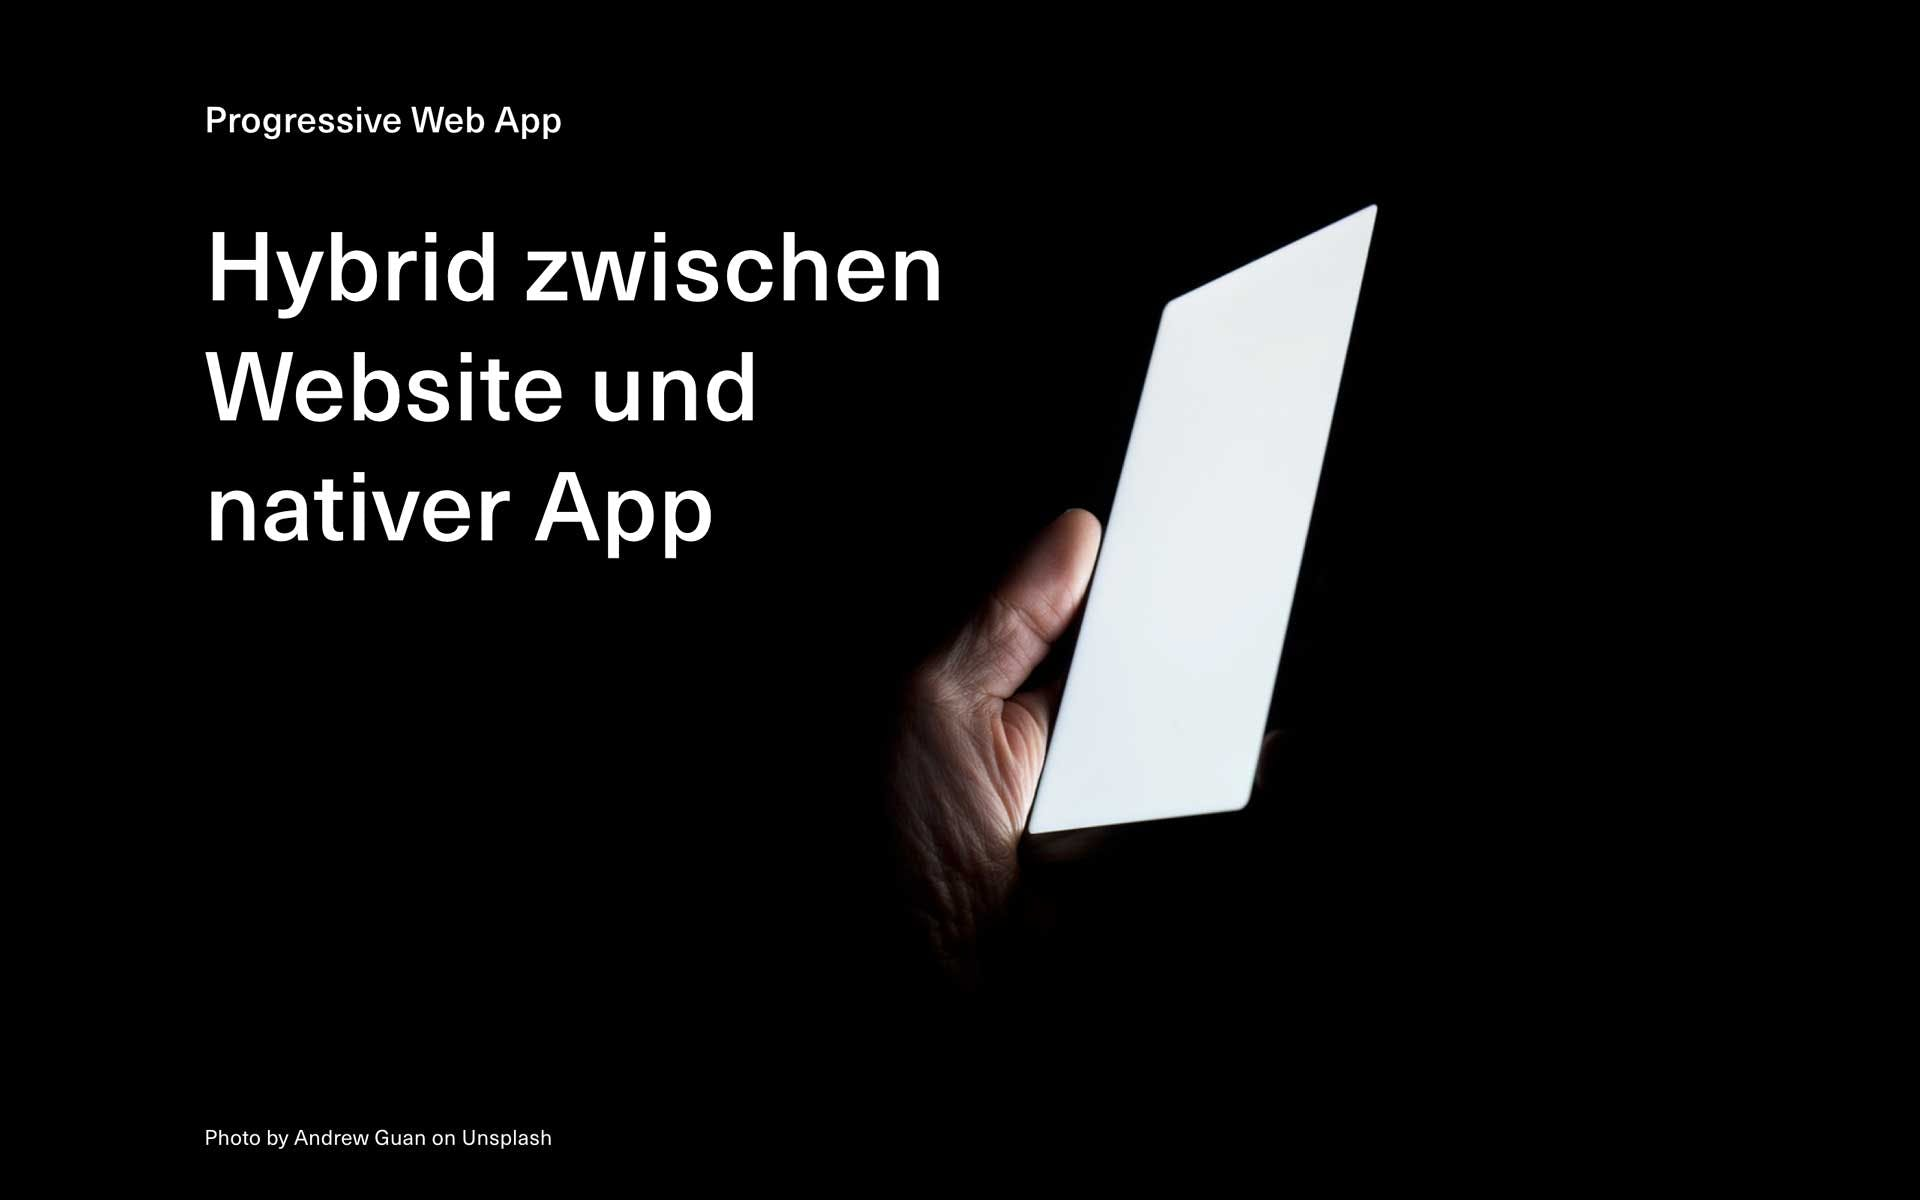 Folie bei der Keynote zum Thema Progressive Web App beim Meetup von 12min.me.